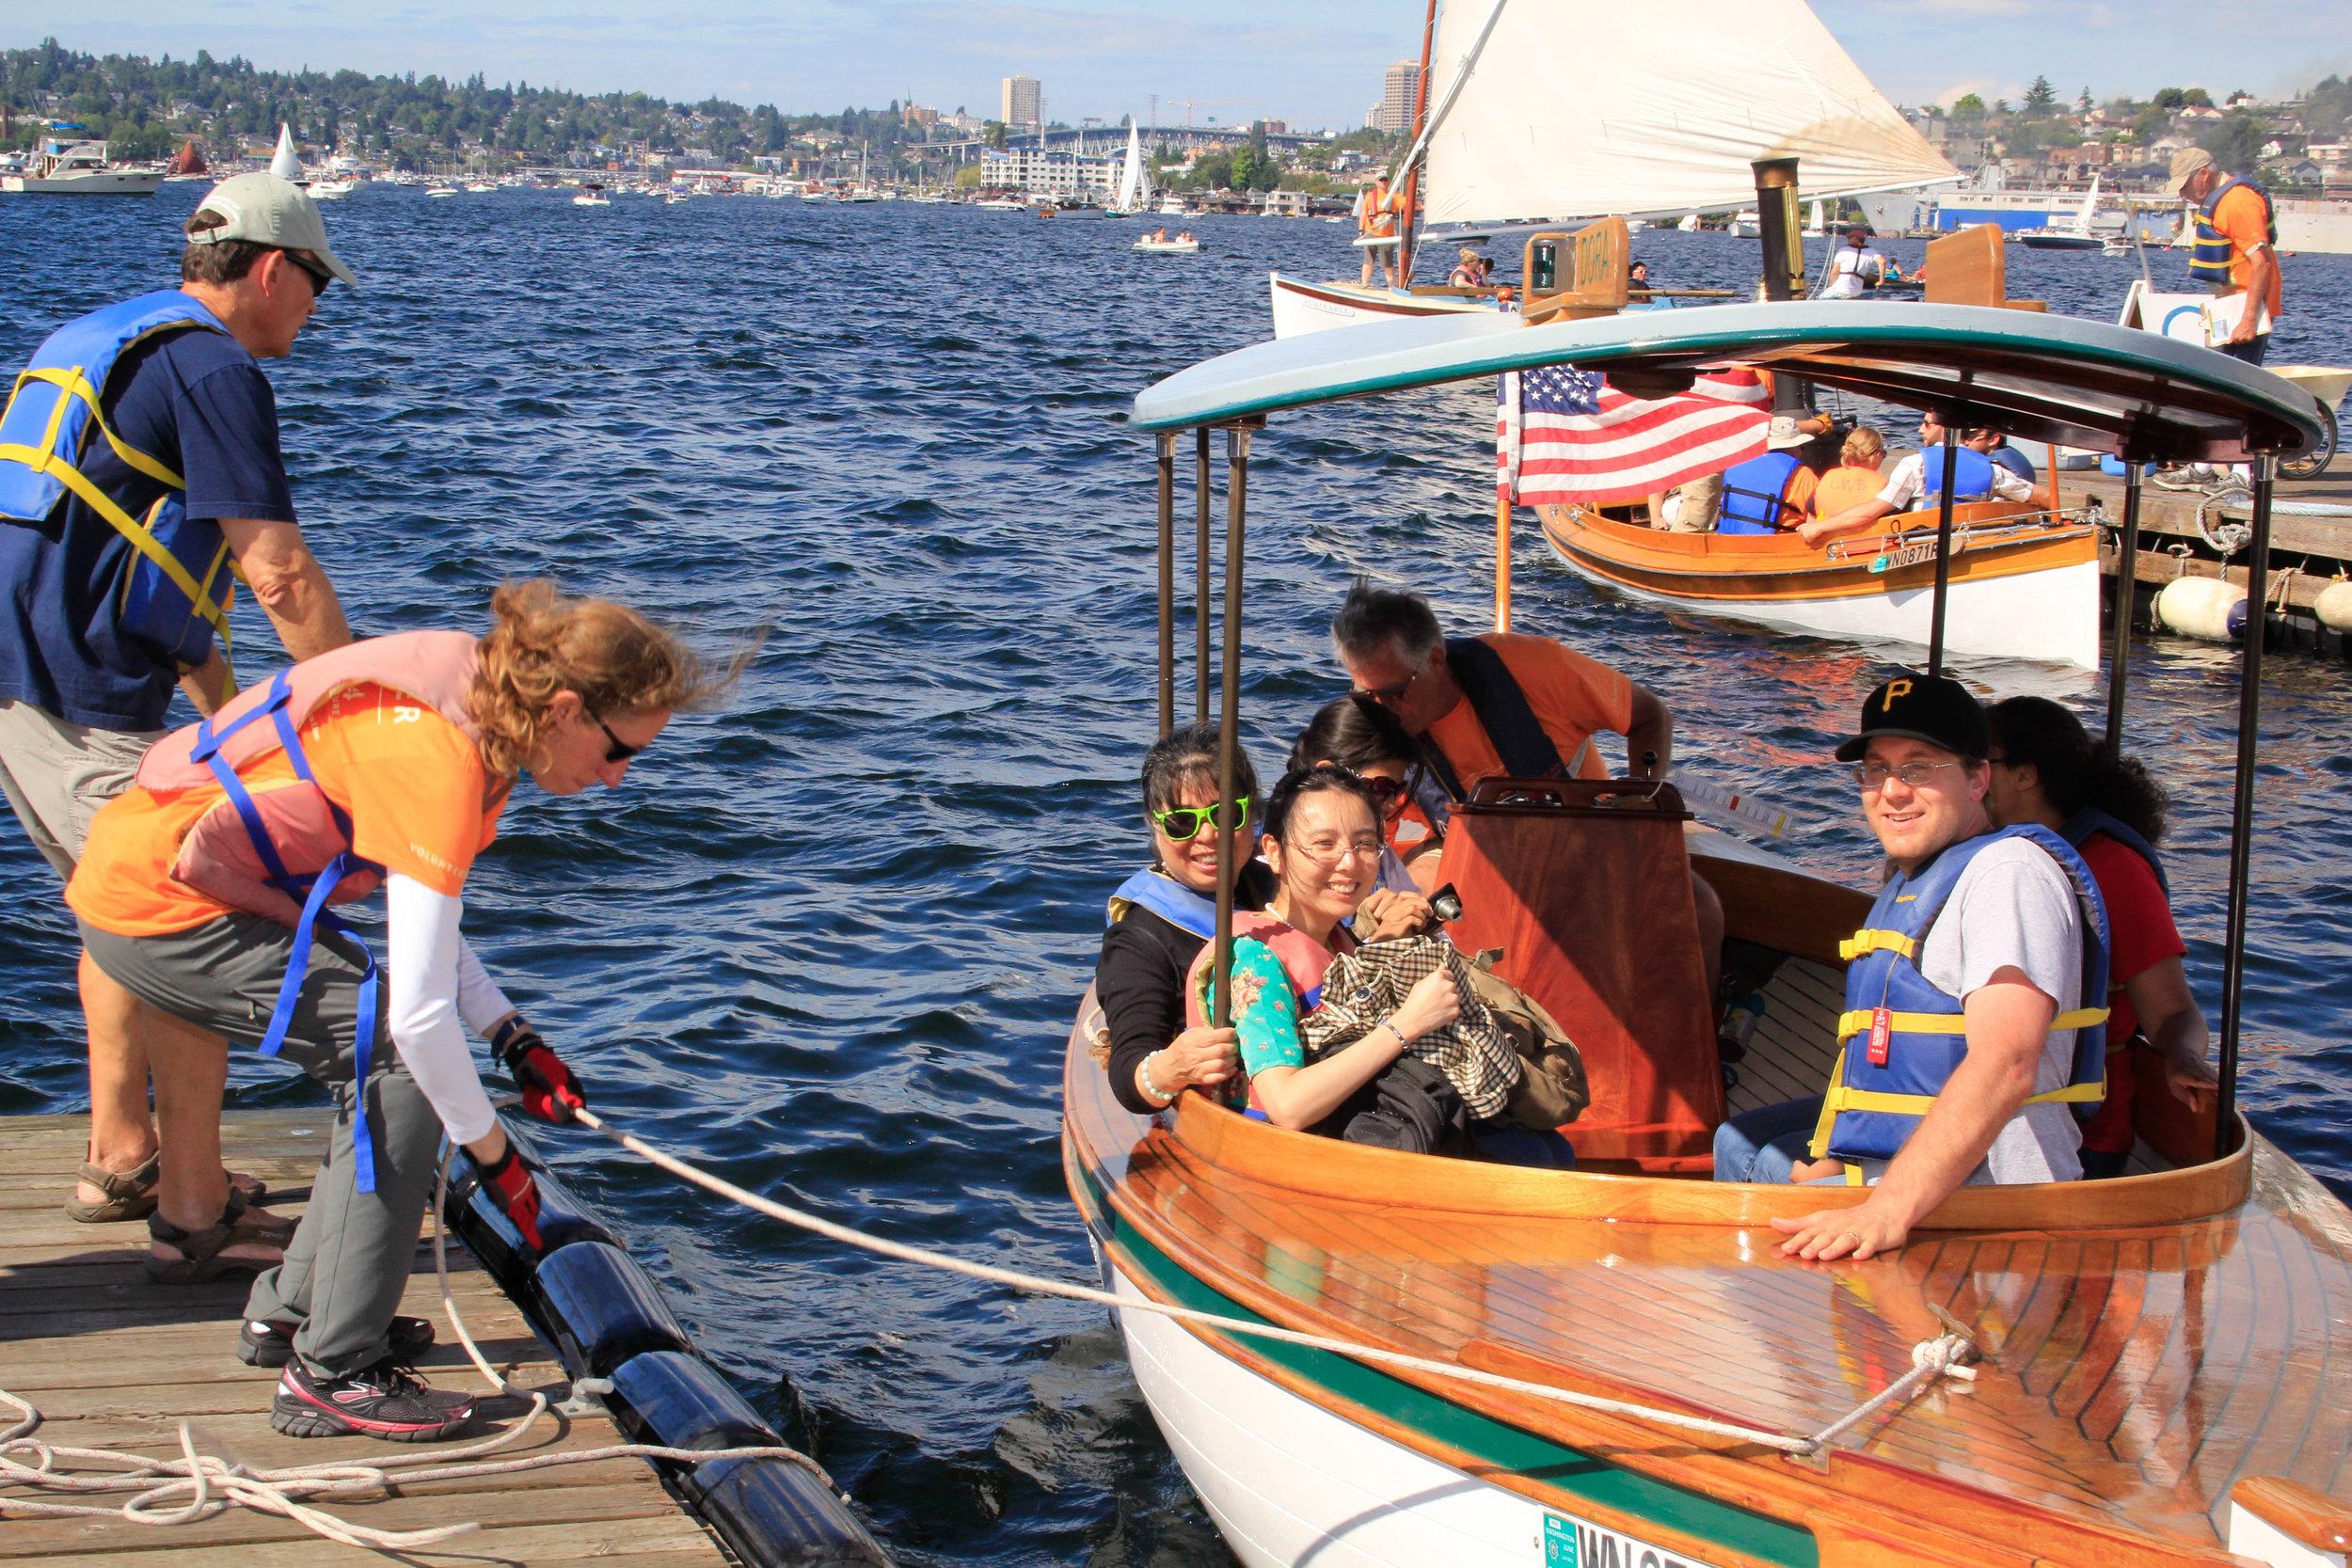 Volunteer skippers helping people in the boat Dora